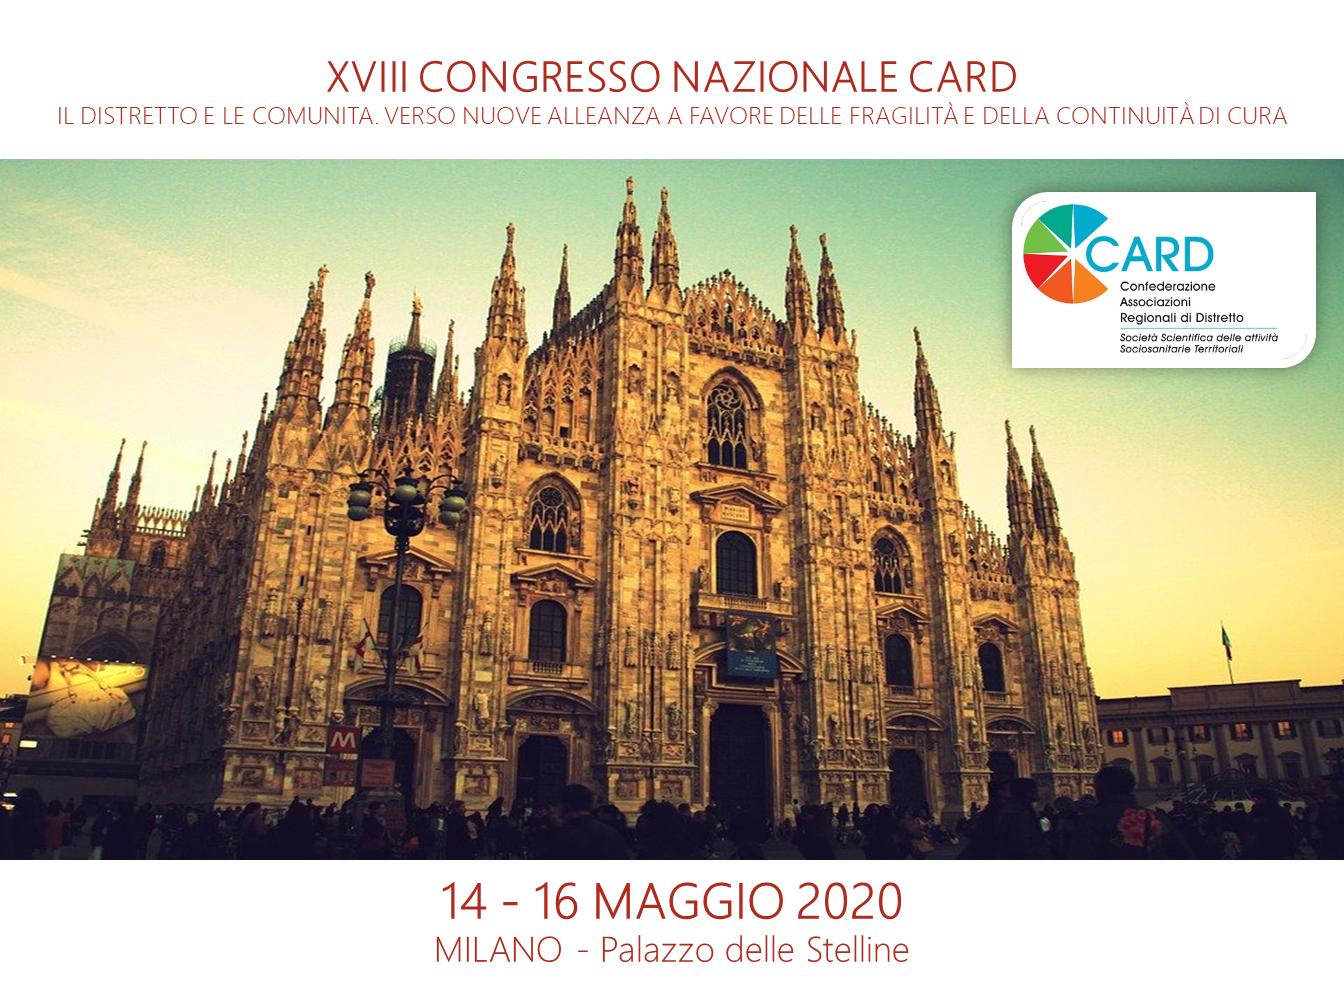 card italia 2020